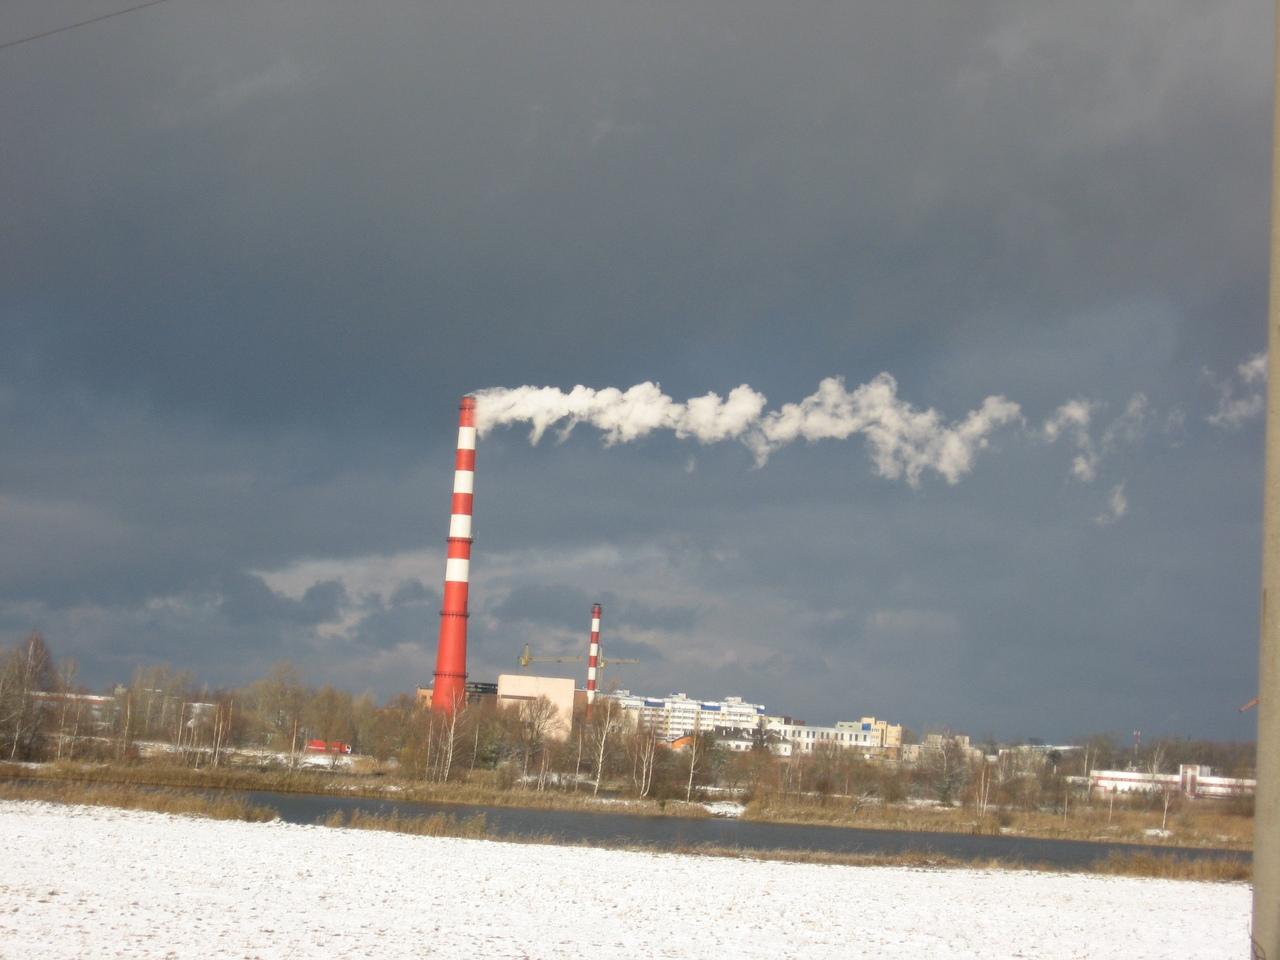 Будет чёрный дым: на Брестской ТЭЦ предупреждают об испытаниях котлов